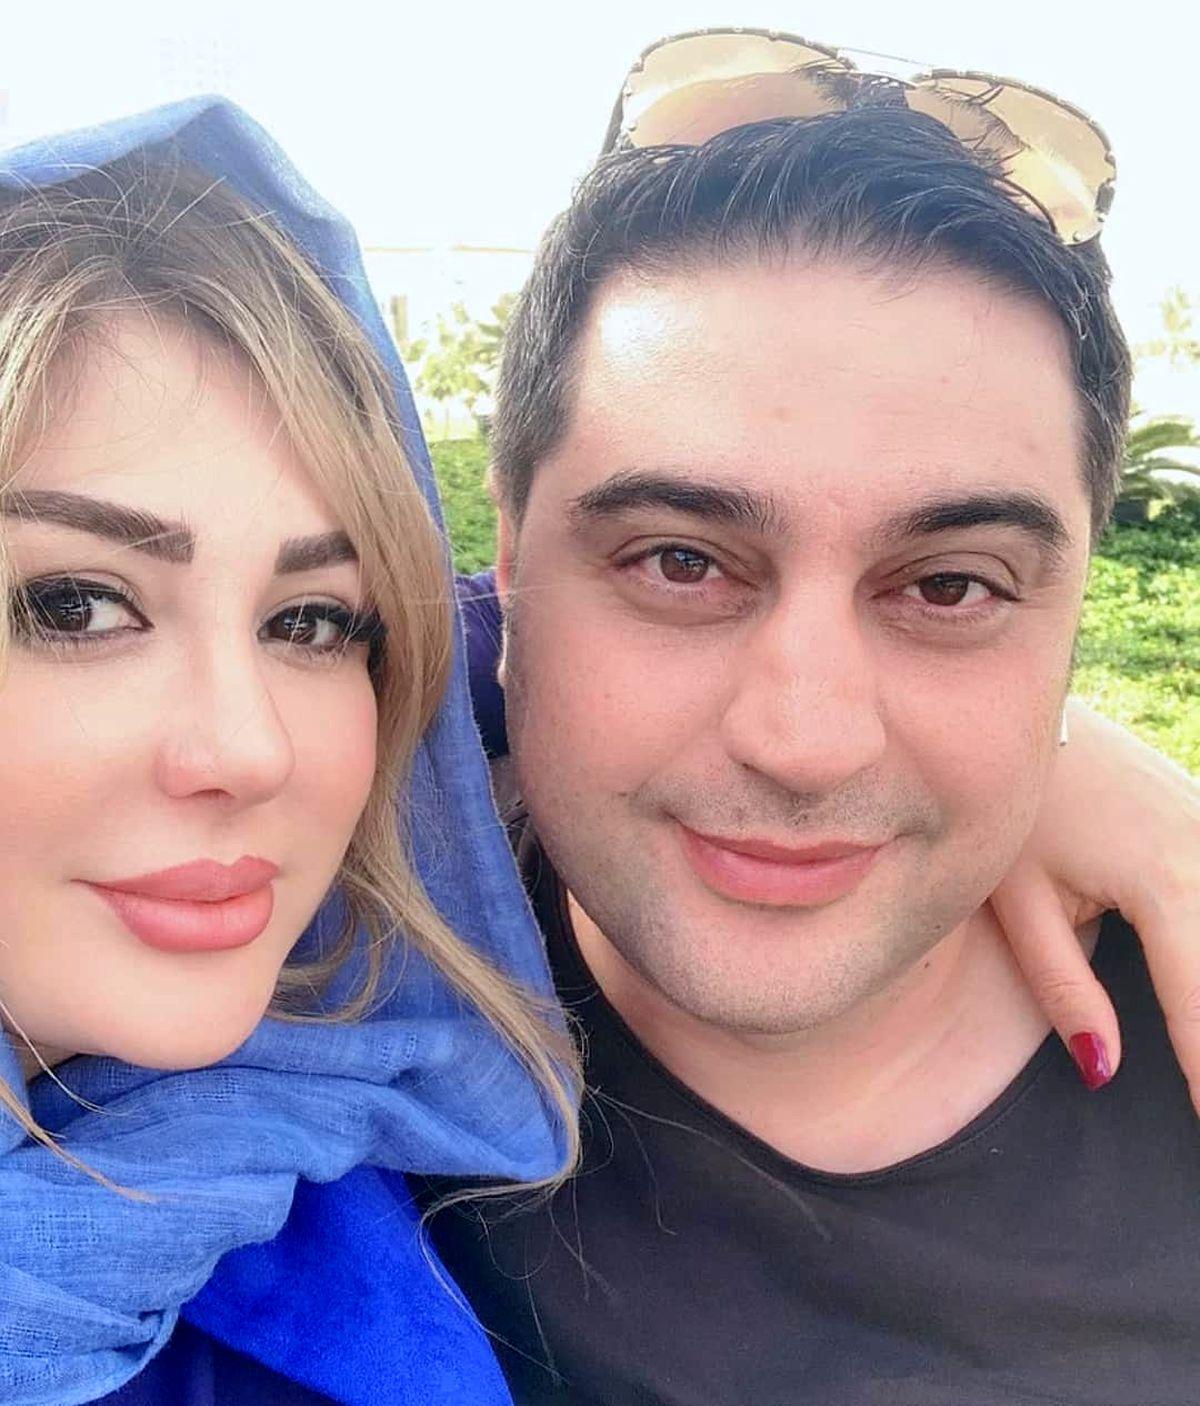 نیوشا ضیغمی از همسرش طلاق گرفت؟ +سند و عکس